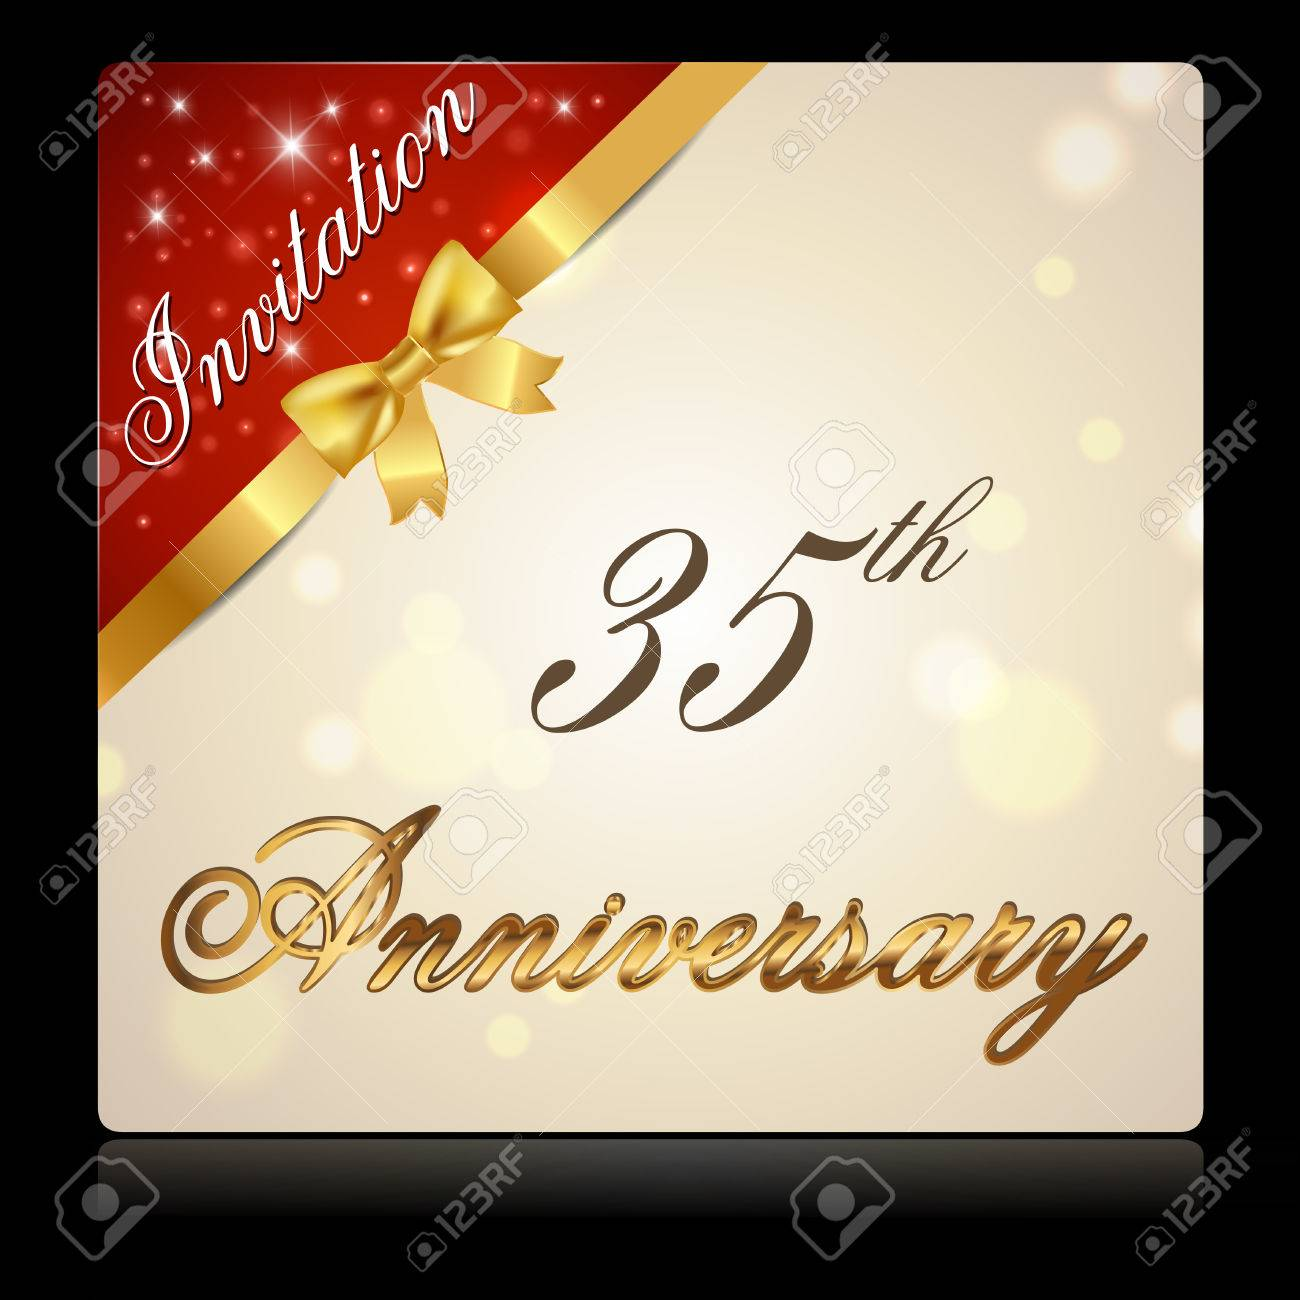 Cinta De 35 Años La Celebración Del Aniversario De Oro Tarjeta Decorativo Invitación Vector Eps10